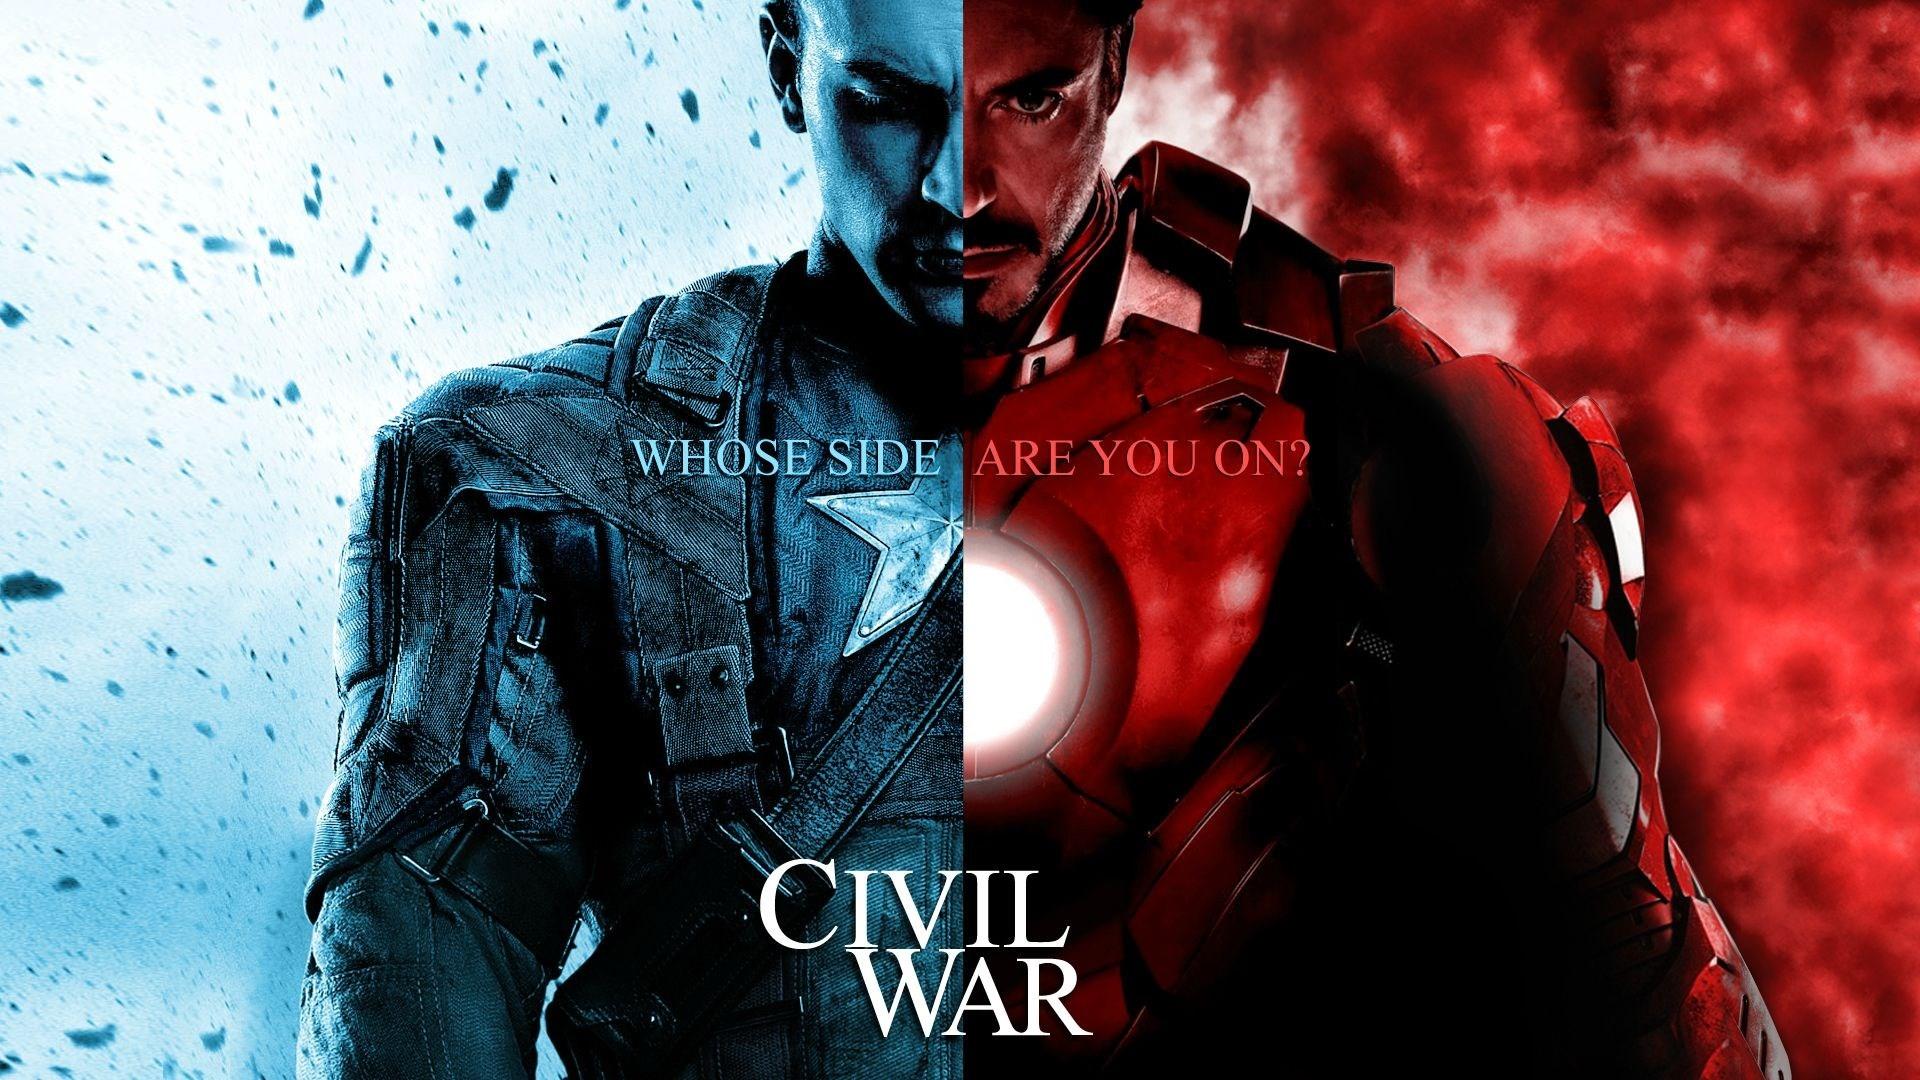 iron man wallpaper full hd